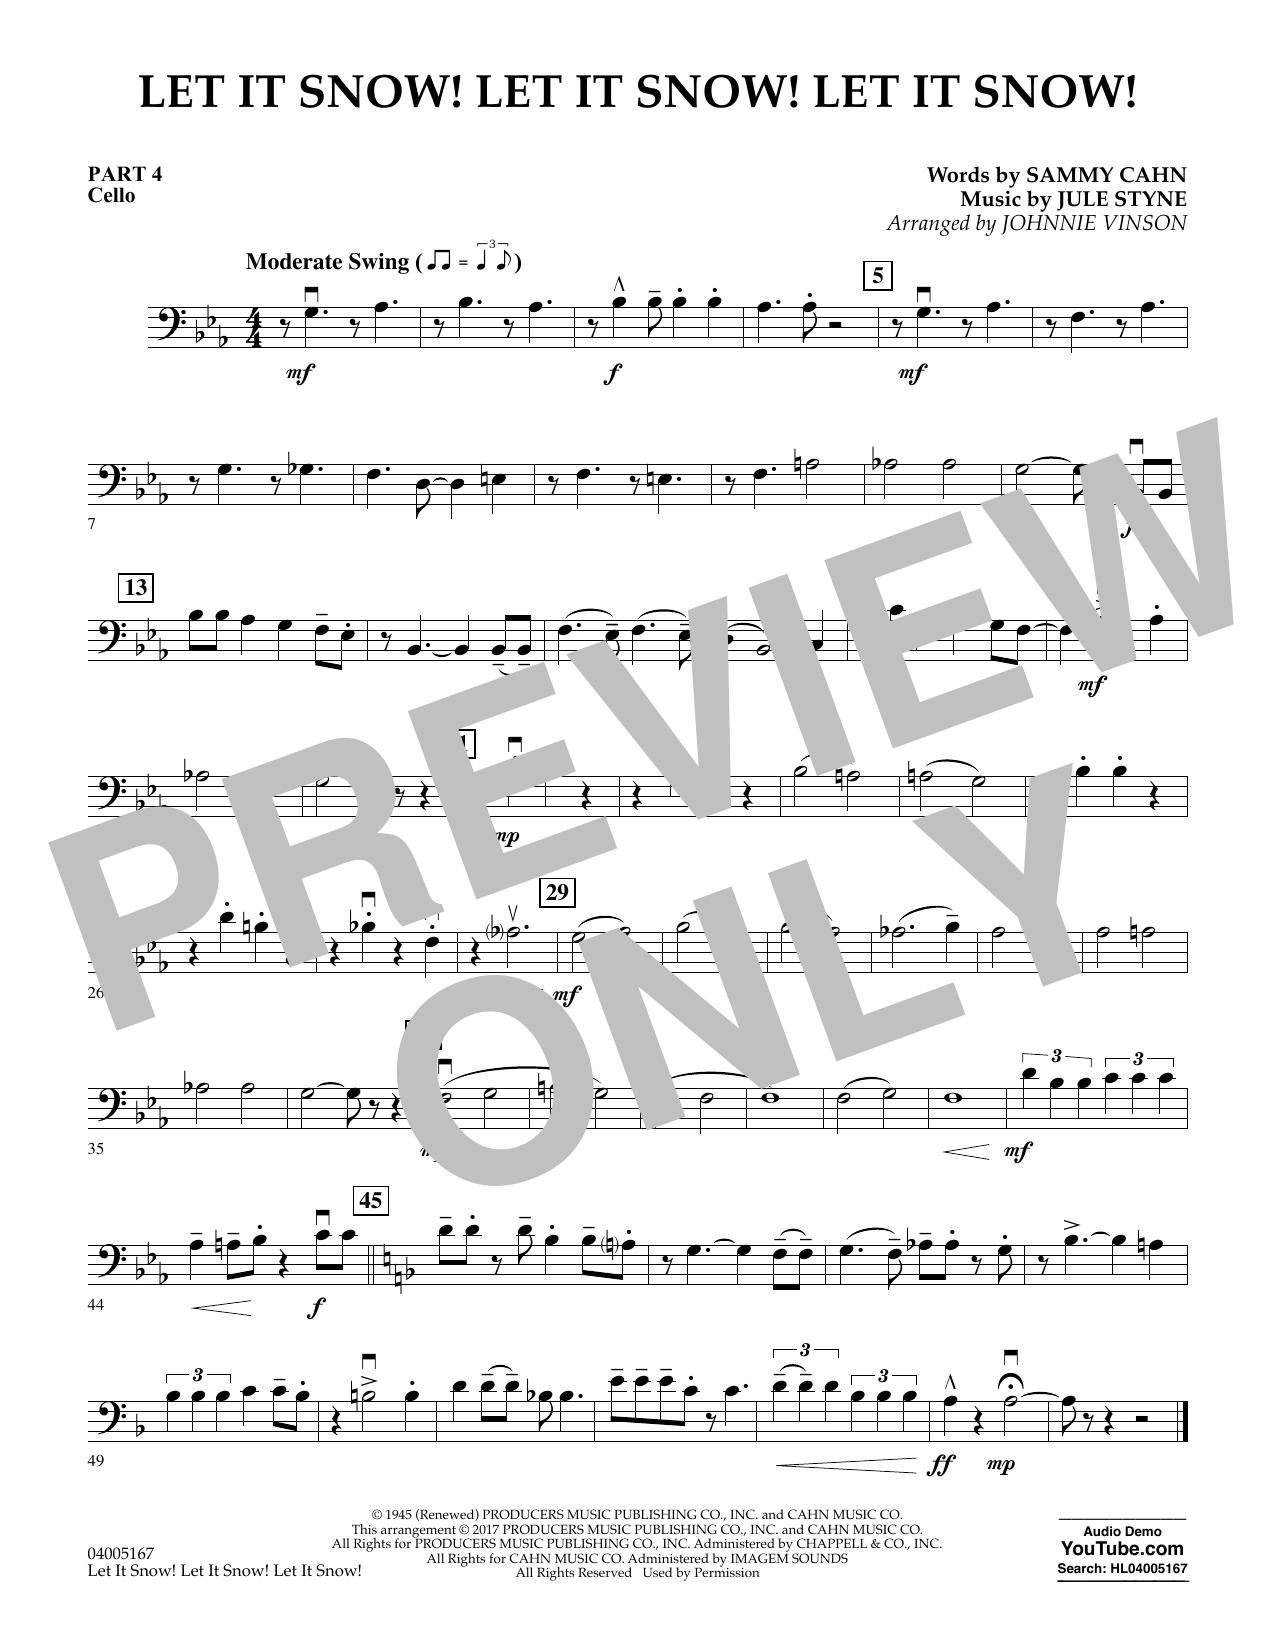 Let It Snow! Let It Snow! Let It Snow! - Pt.4 - Cello (Concert Band)